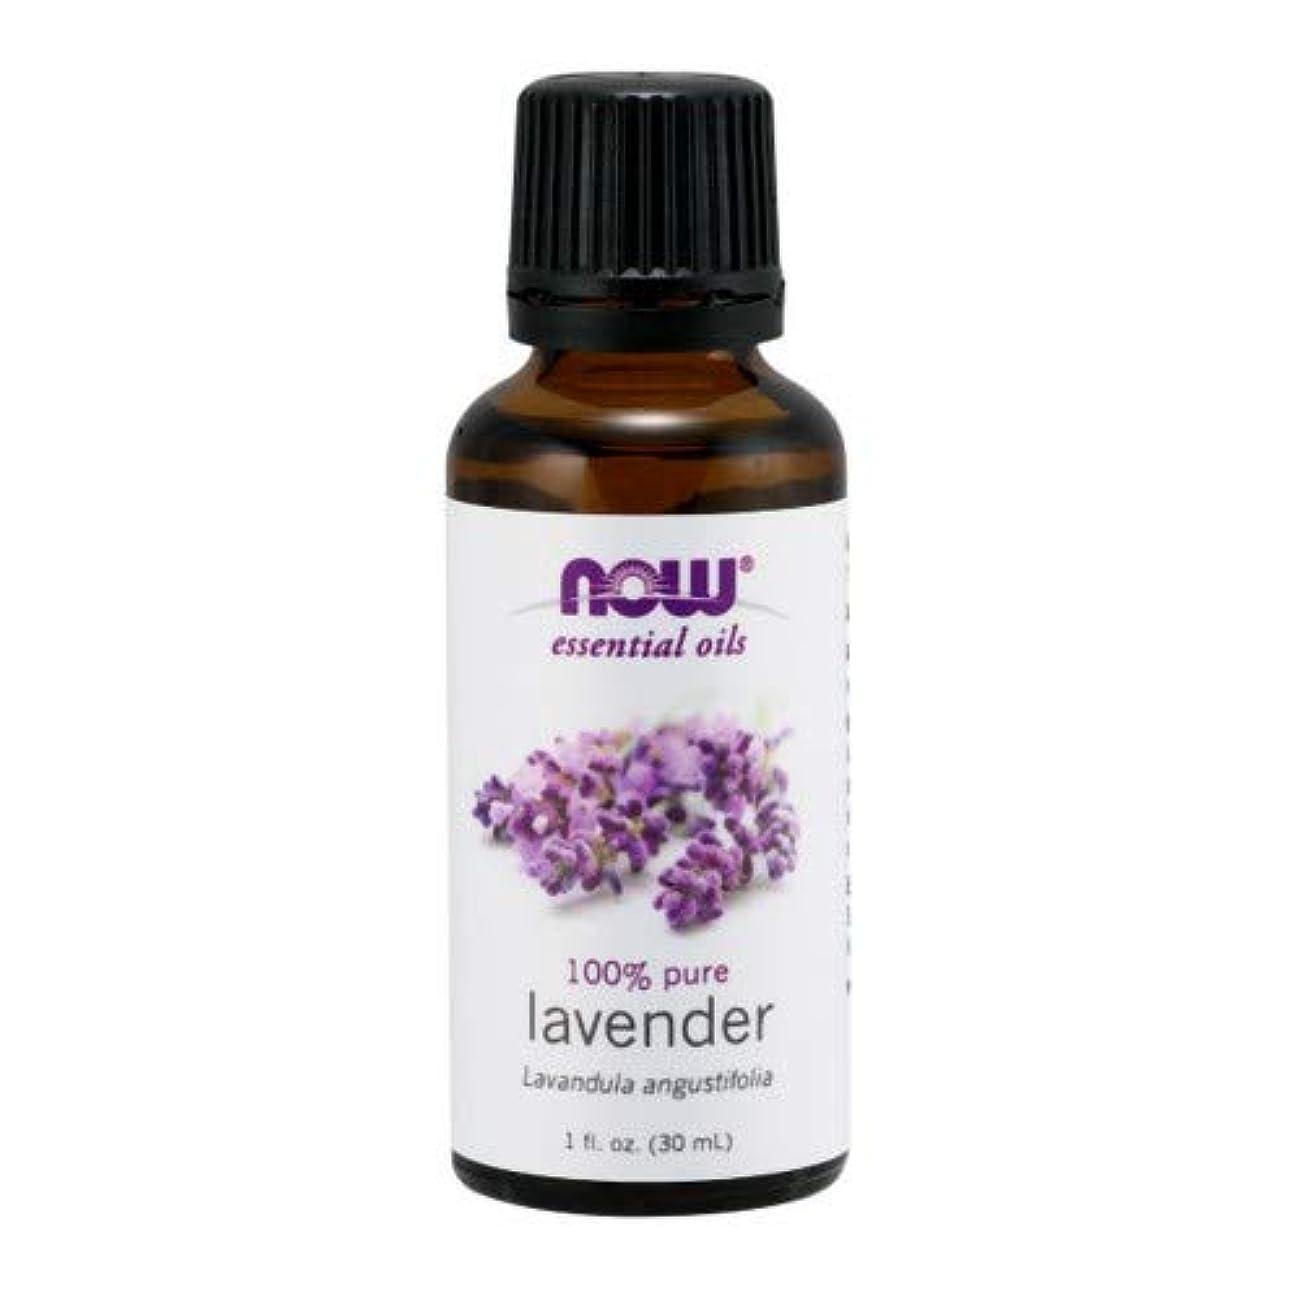 剣ロデオ民主主義エッセンシャルオイル ラベンダーオイル 30ml 2個セット ナウフーズ 並行輸入品 NOW Foods Essential Oils Lavender 1 oz Pack of 2